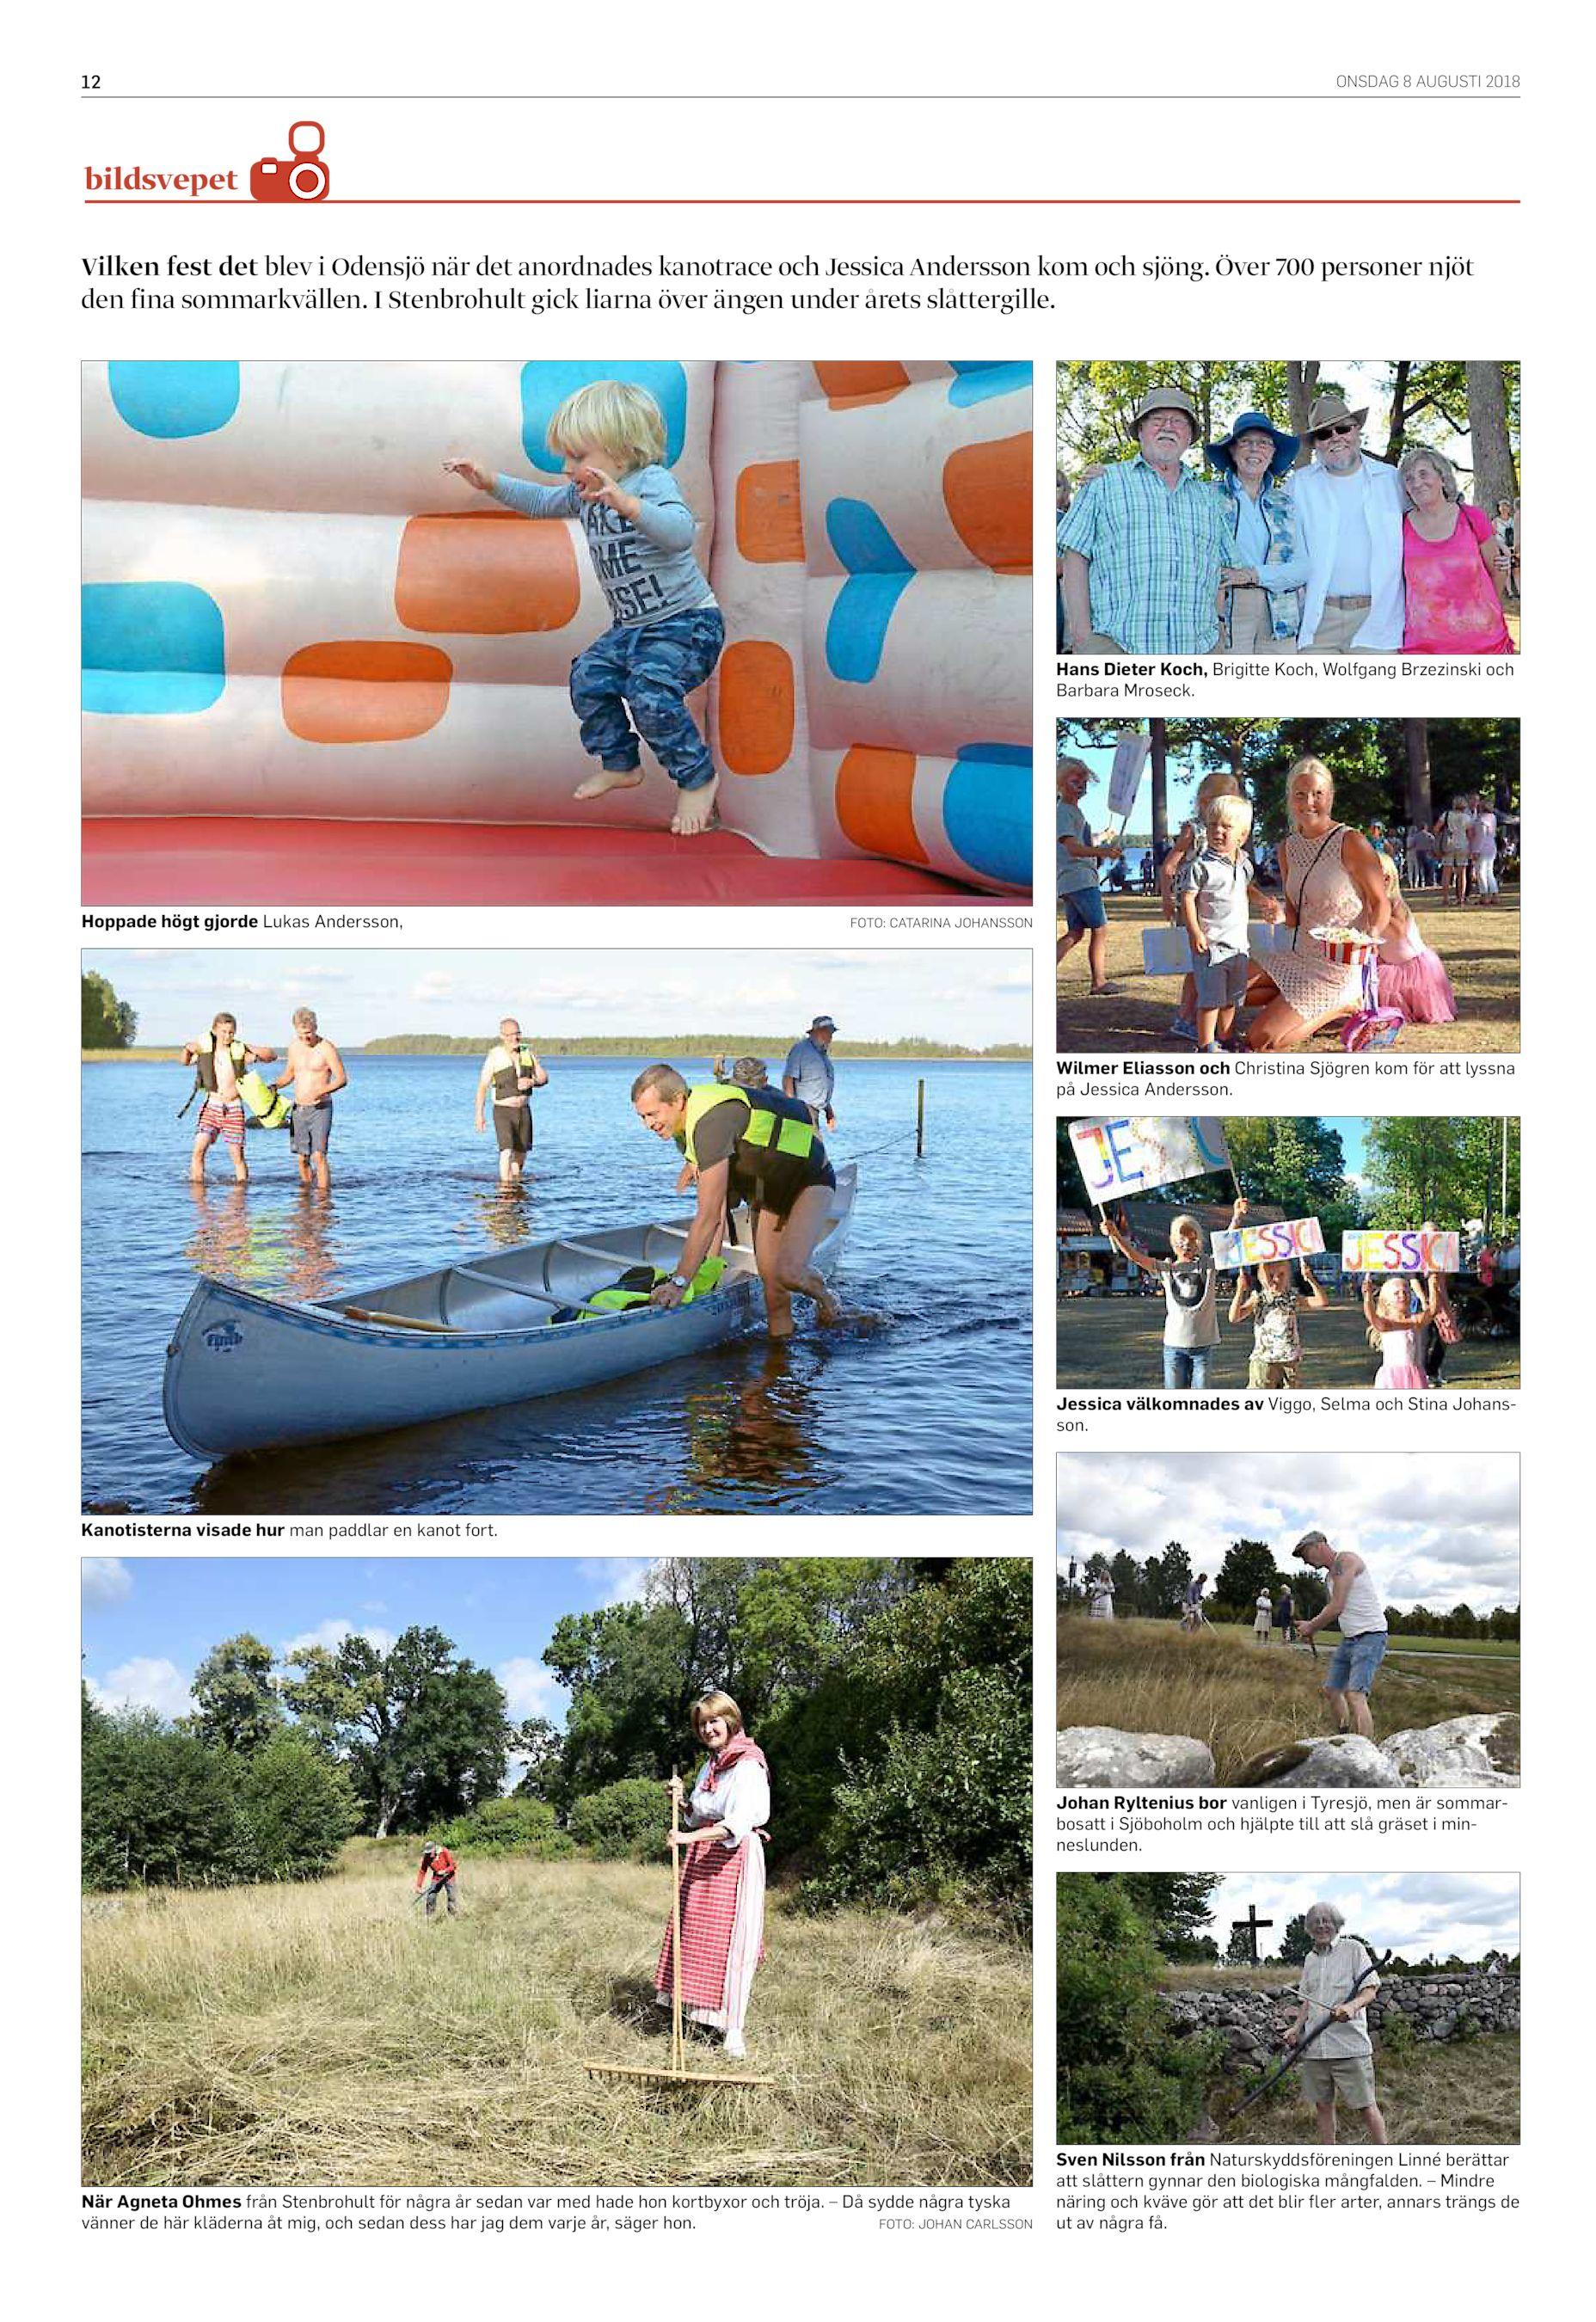 ldre inlgg (arkiv) till 12 augusti, 2012   Anbytarforum